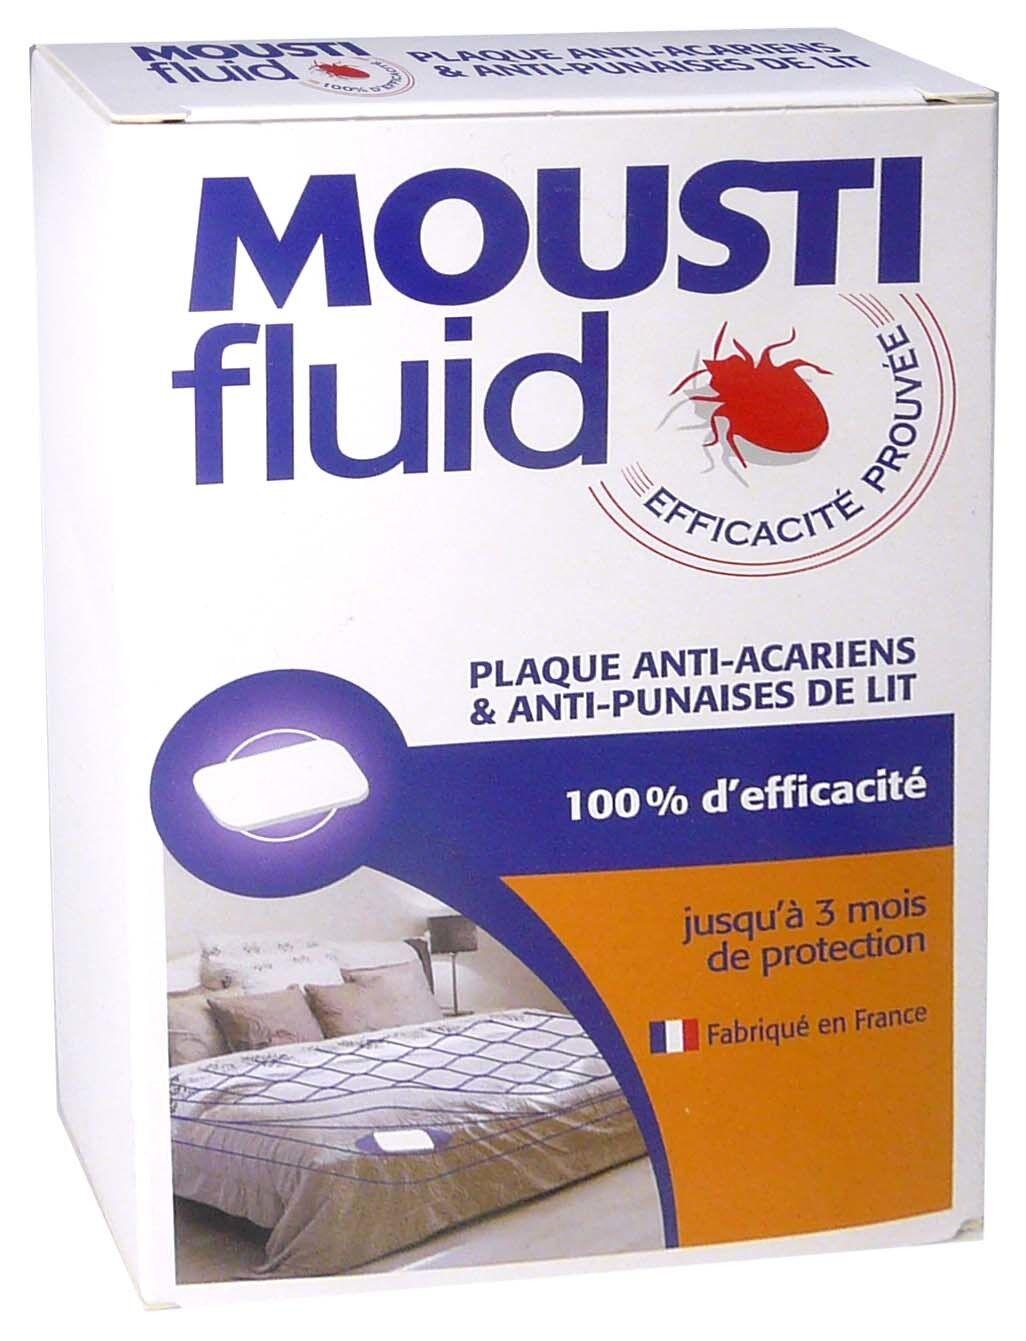 GIFRER Moustifluid plaque anti-acariens et punaises de lit